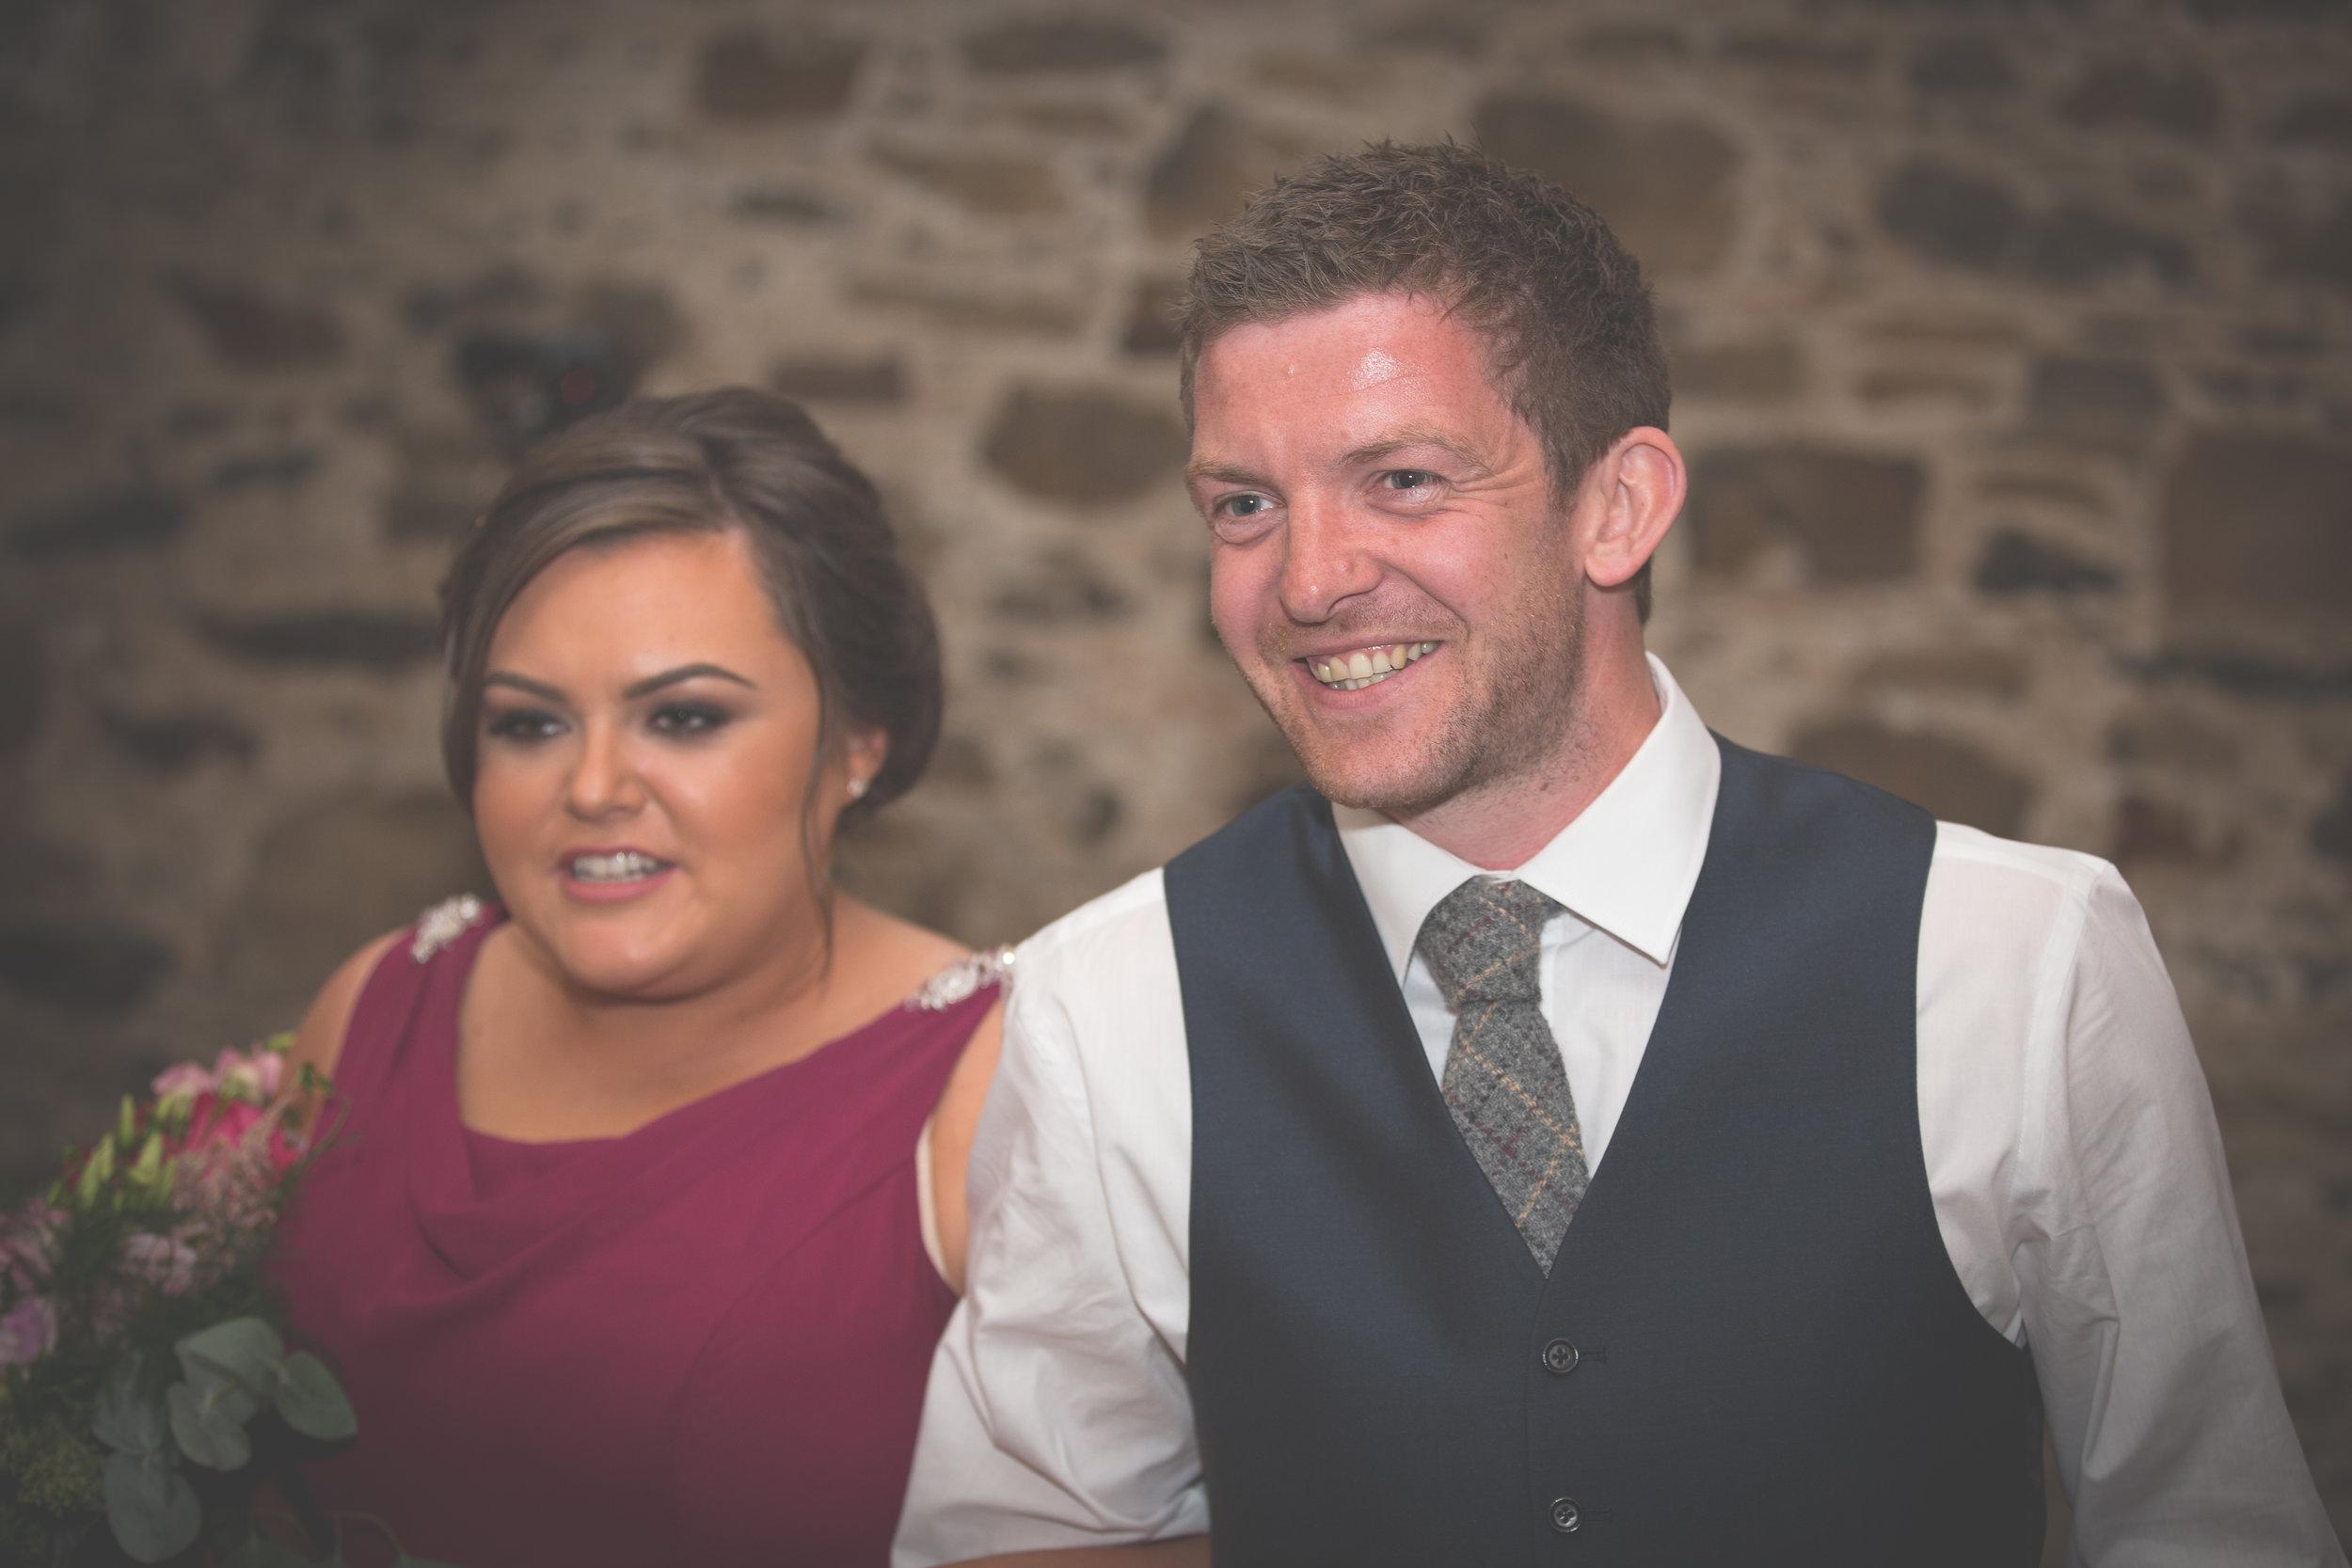 Brian McEwan Wedding Photography | Carol-Anne & Sean | The Speeches-51.jpg